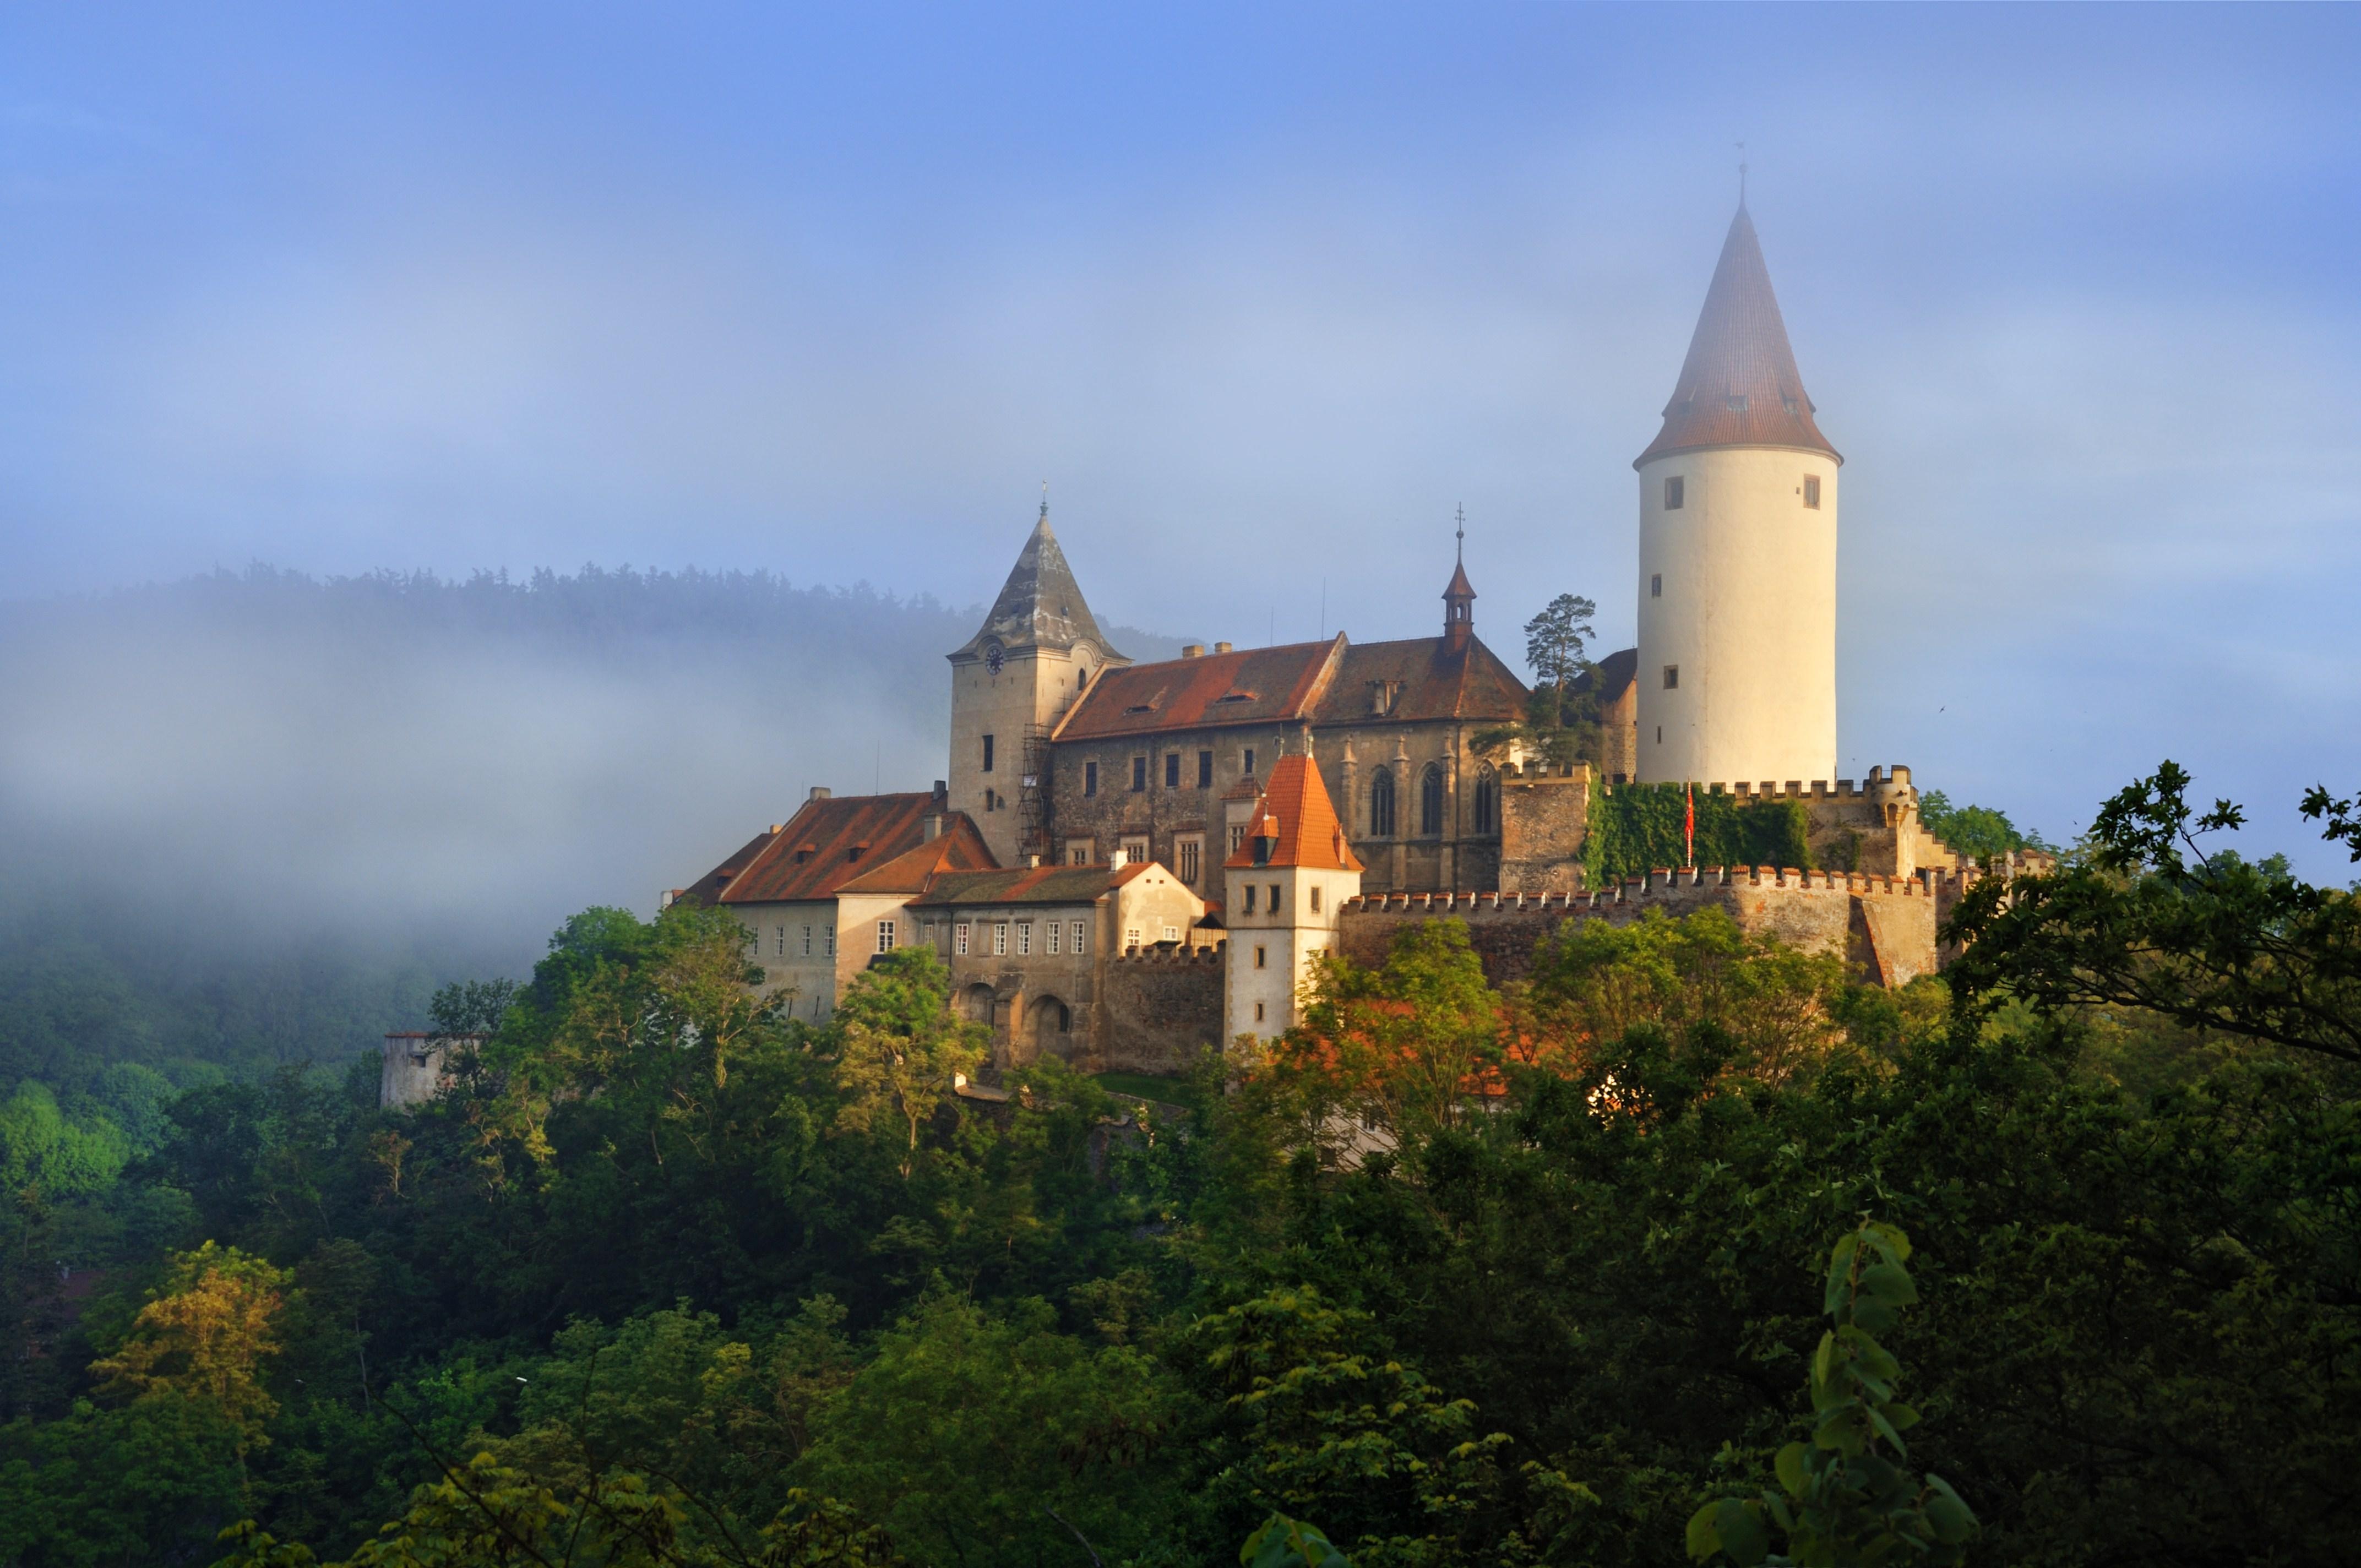 Burg Křivoklát